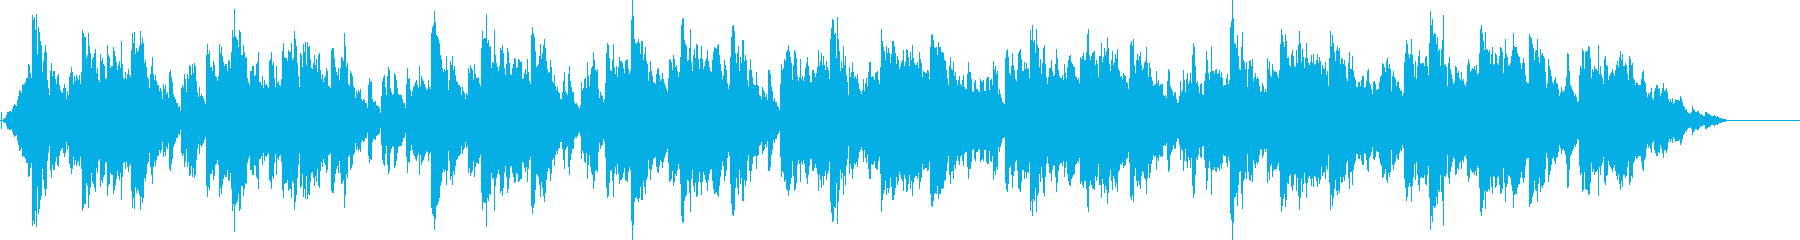 和風かつ疾走感のあるテンポ速めのテクノの再生済みの波形